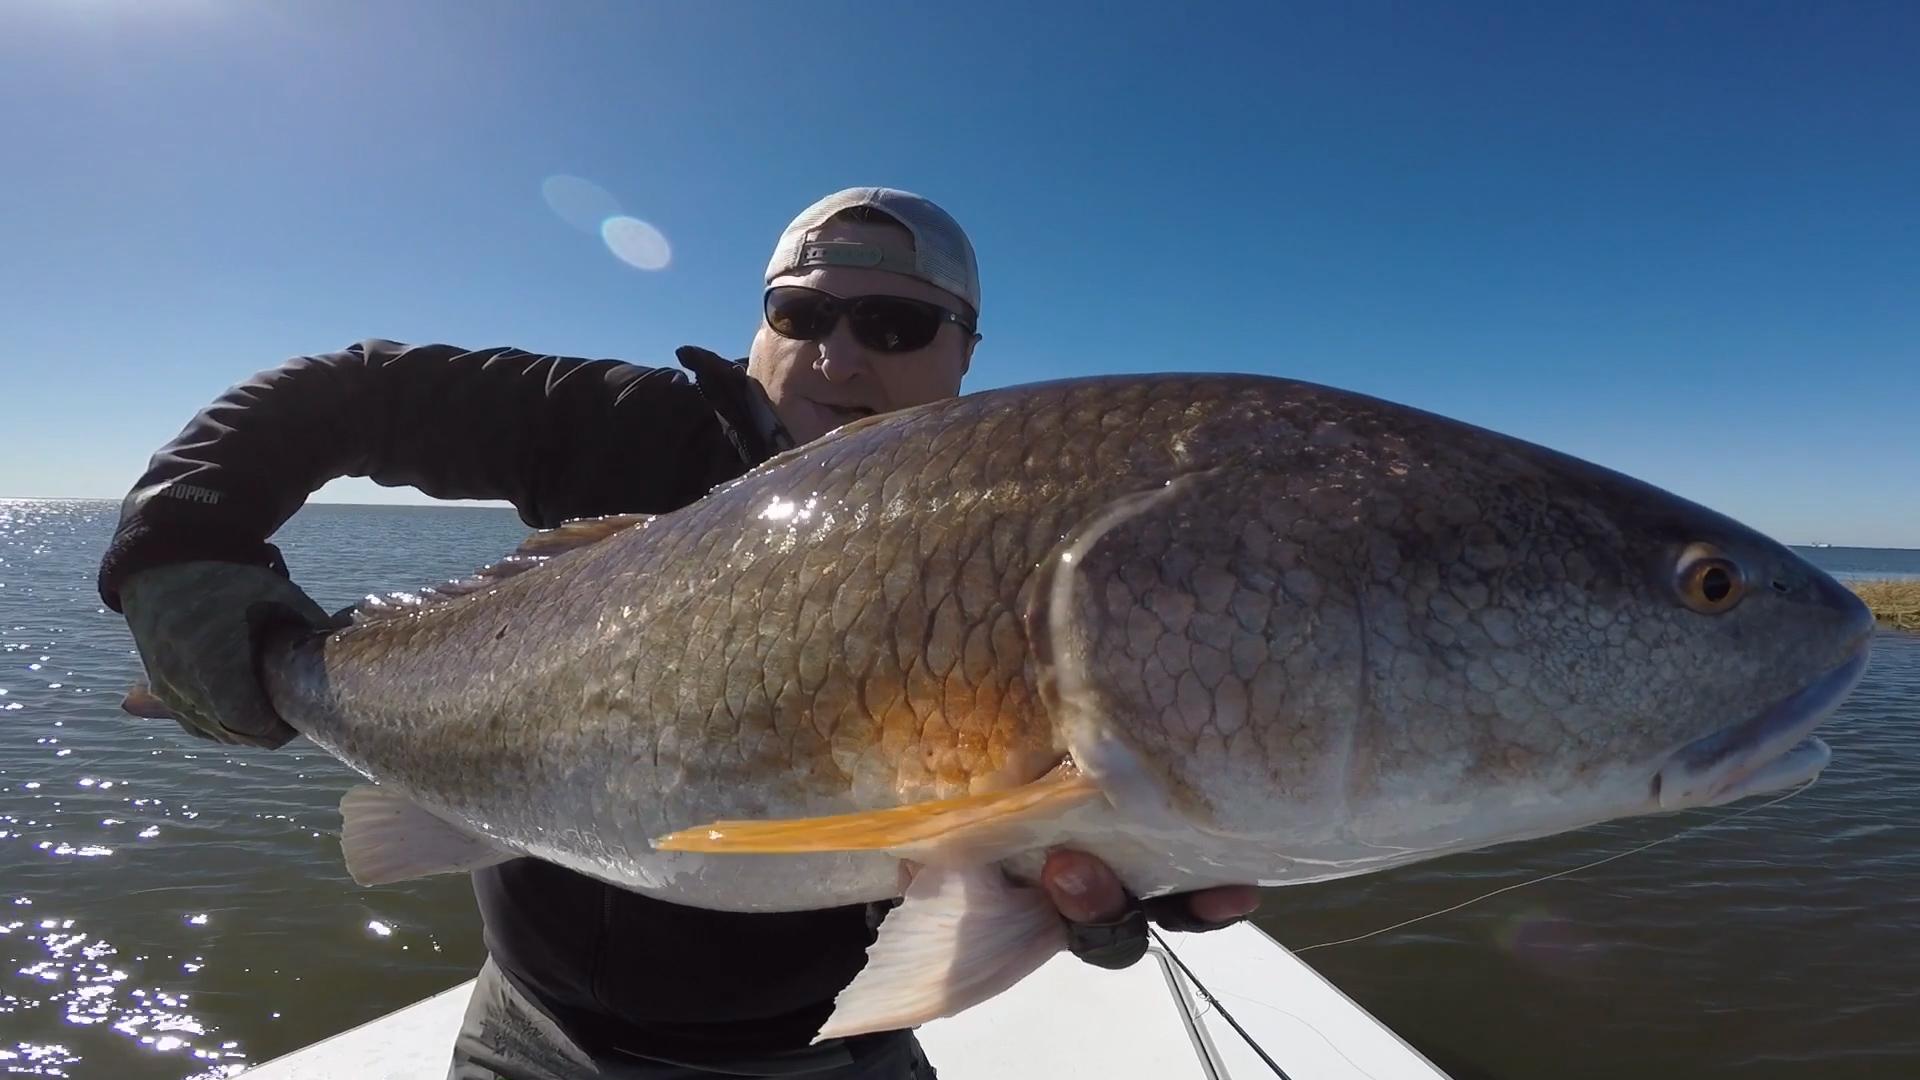 Louisiana Redfish Fly Fishing Guide